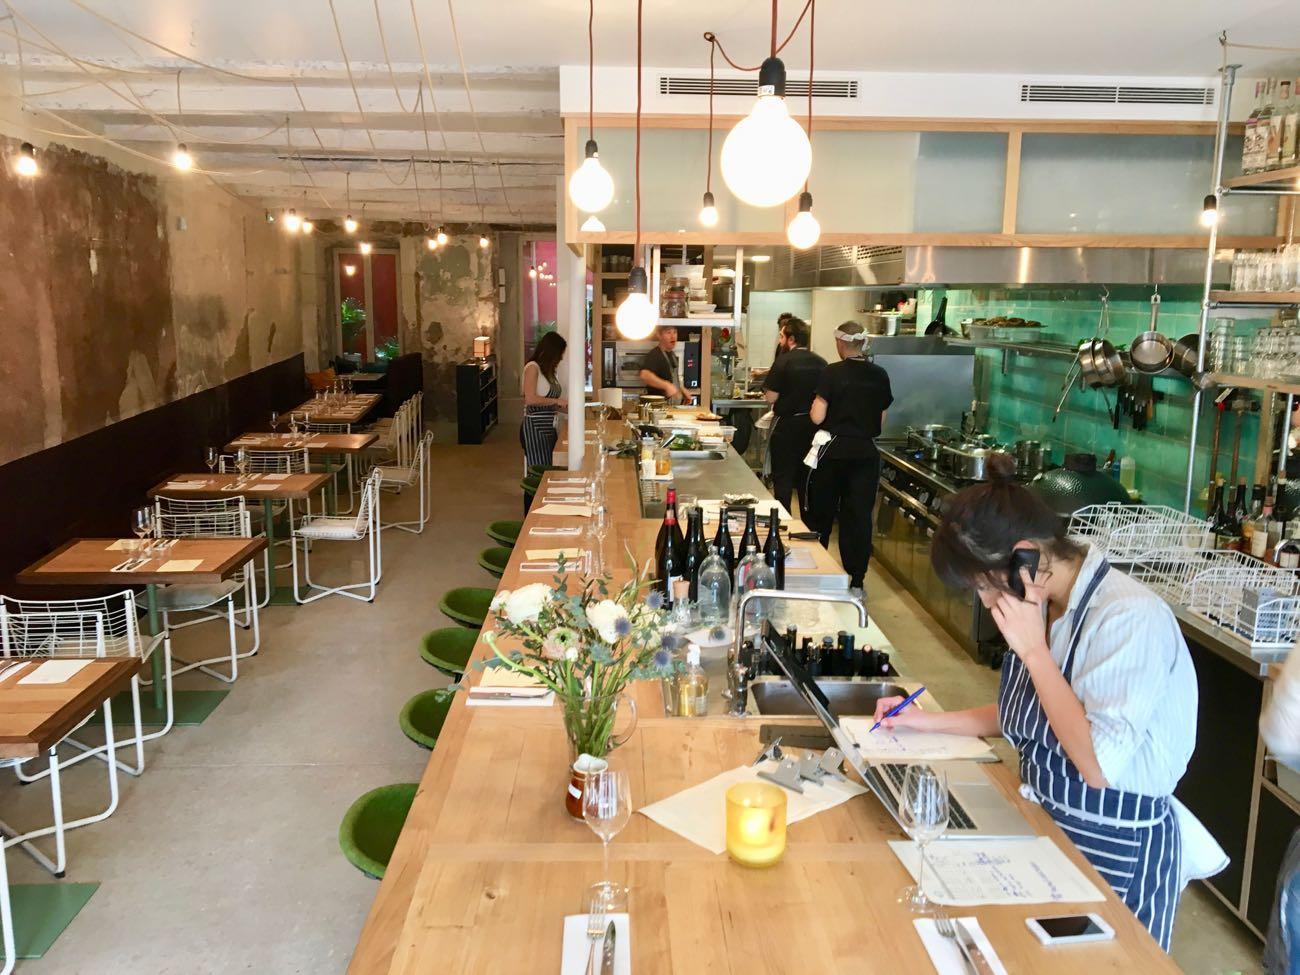 Restaurant Noailles Marseille - La Mercerie - Love spots